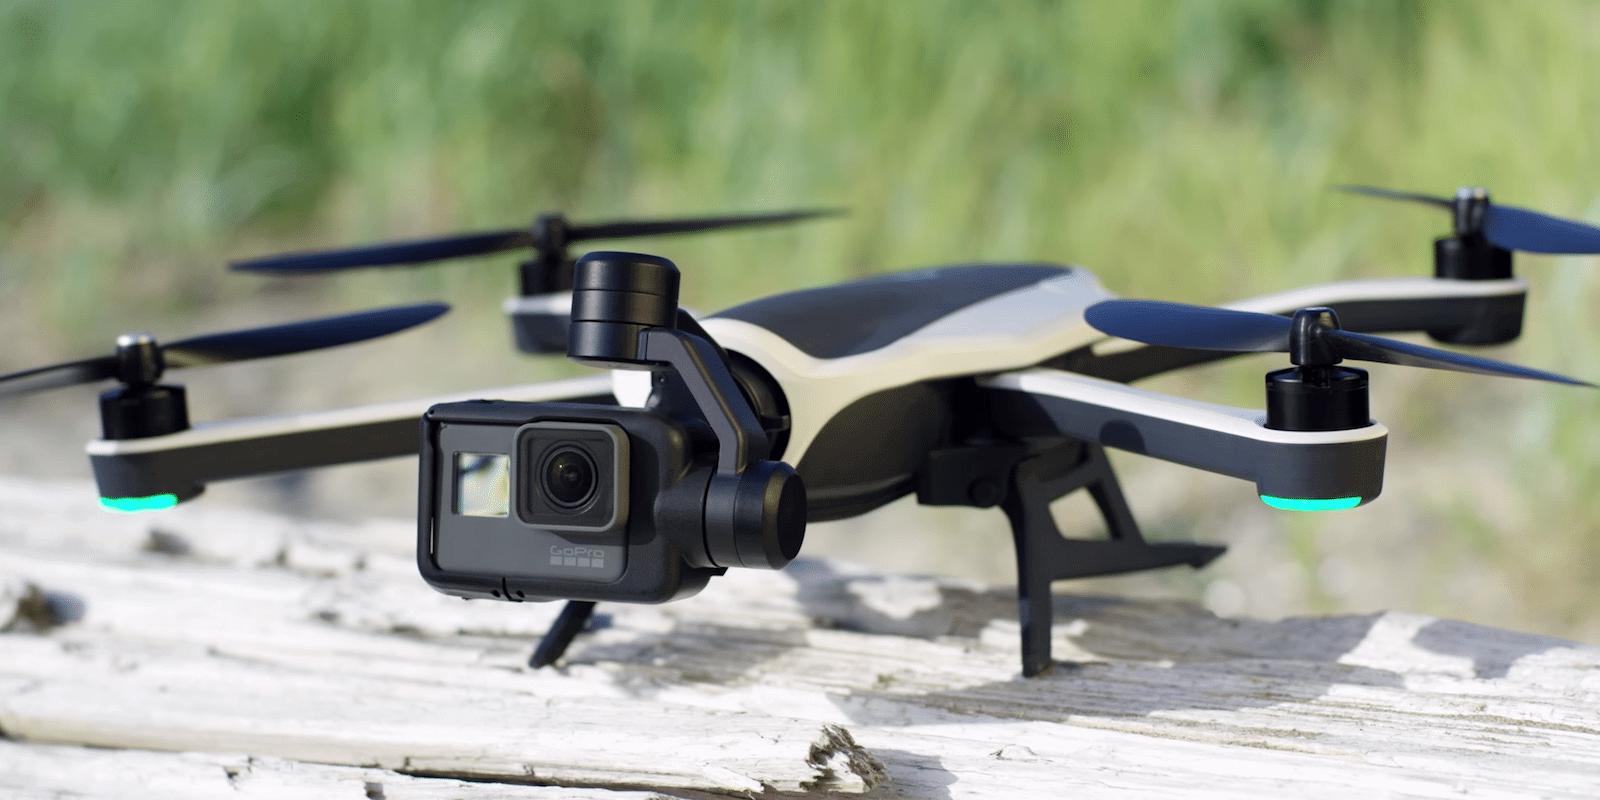 Gopro fecha sua divisão de drones e deve ser vendida em breve. Ao que parece, 2018 não começou bem para a gopro. Após falhas num drone da empresa, ela está parando de fabricar mais do produto. E isto não é tudo.